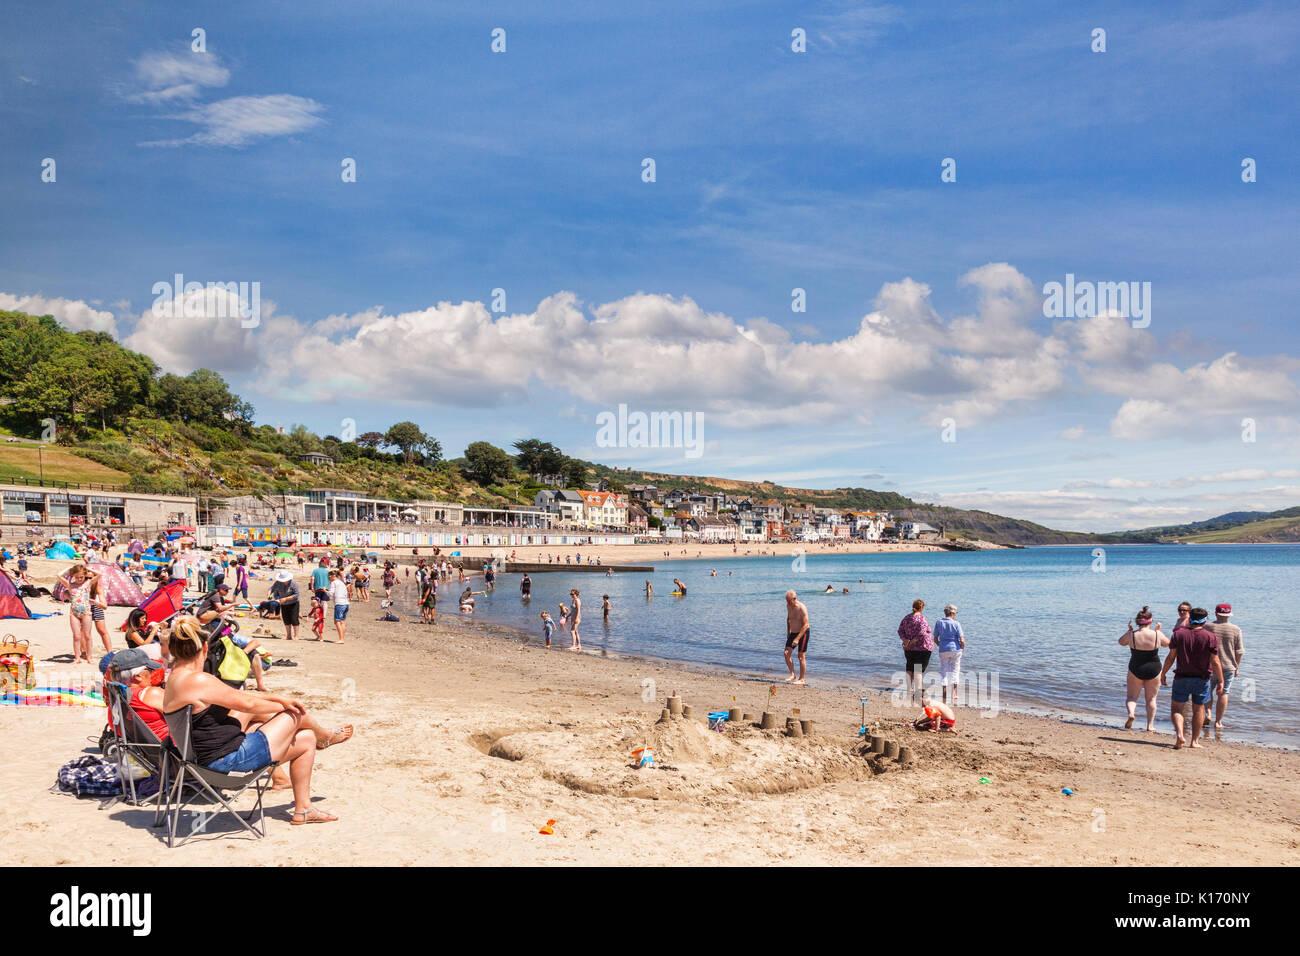 1 Juillet 2017: Lyme Regis, Dorset, England, UK - Plage de sable fin sur une chaude journée d'été ensoleillée. Photo Stock